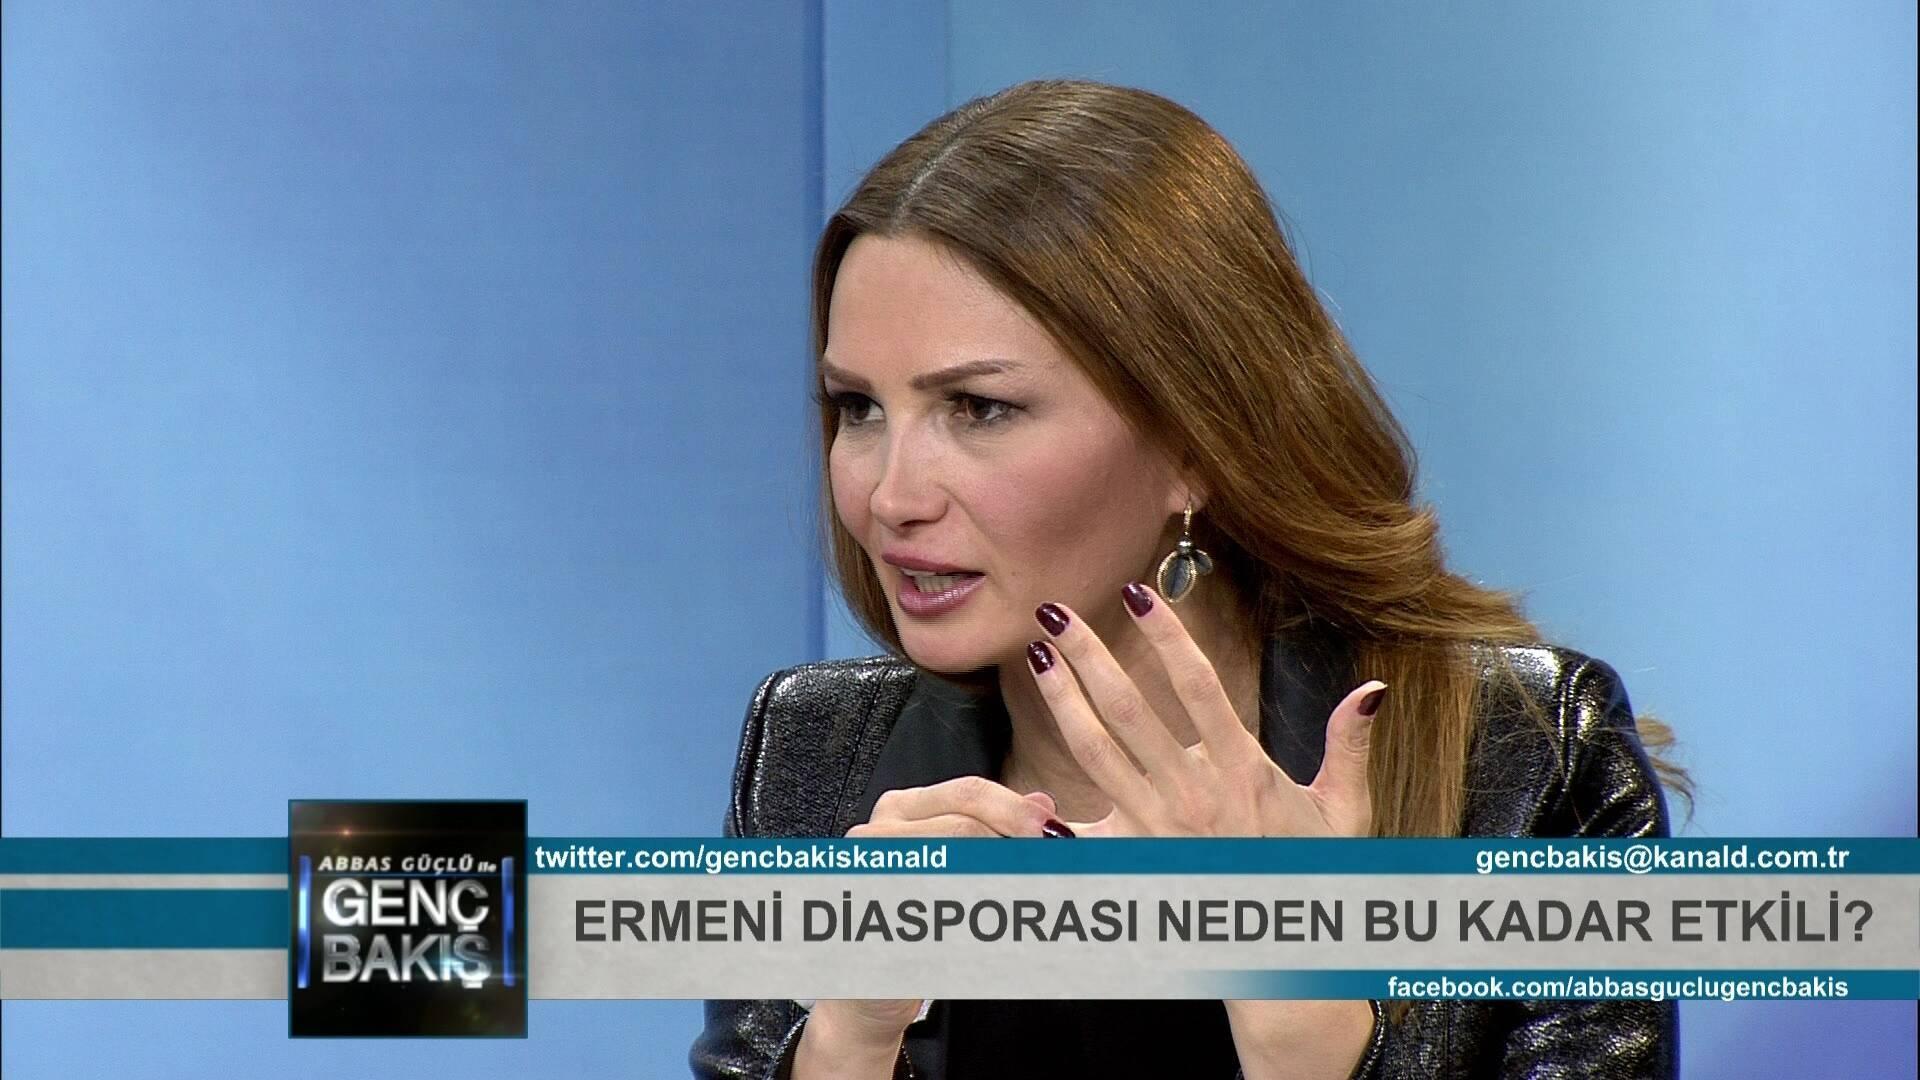 Ermeni Diasporası neden bu kadar etkili?